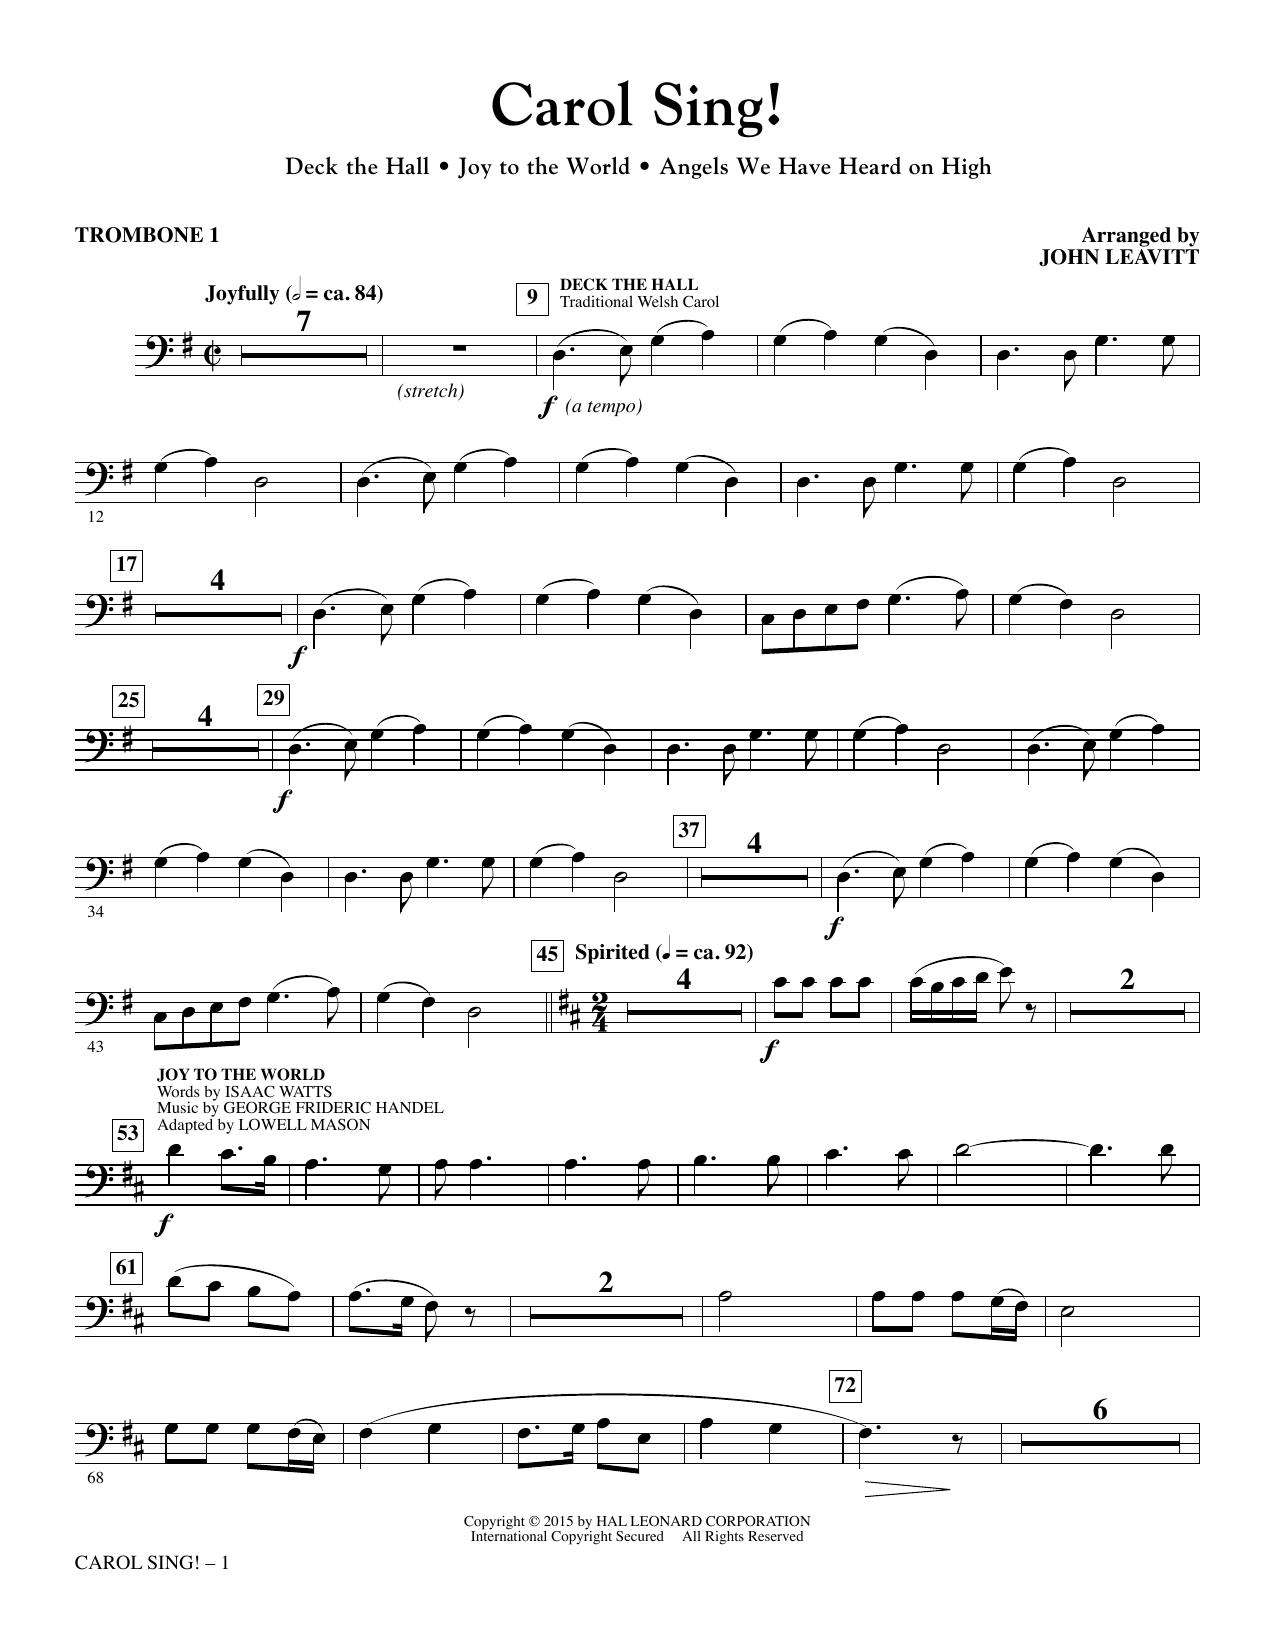 Carol Sing! - Trombone 1 sheet music